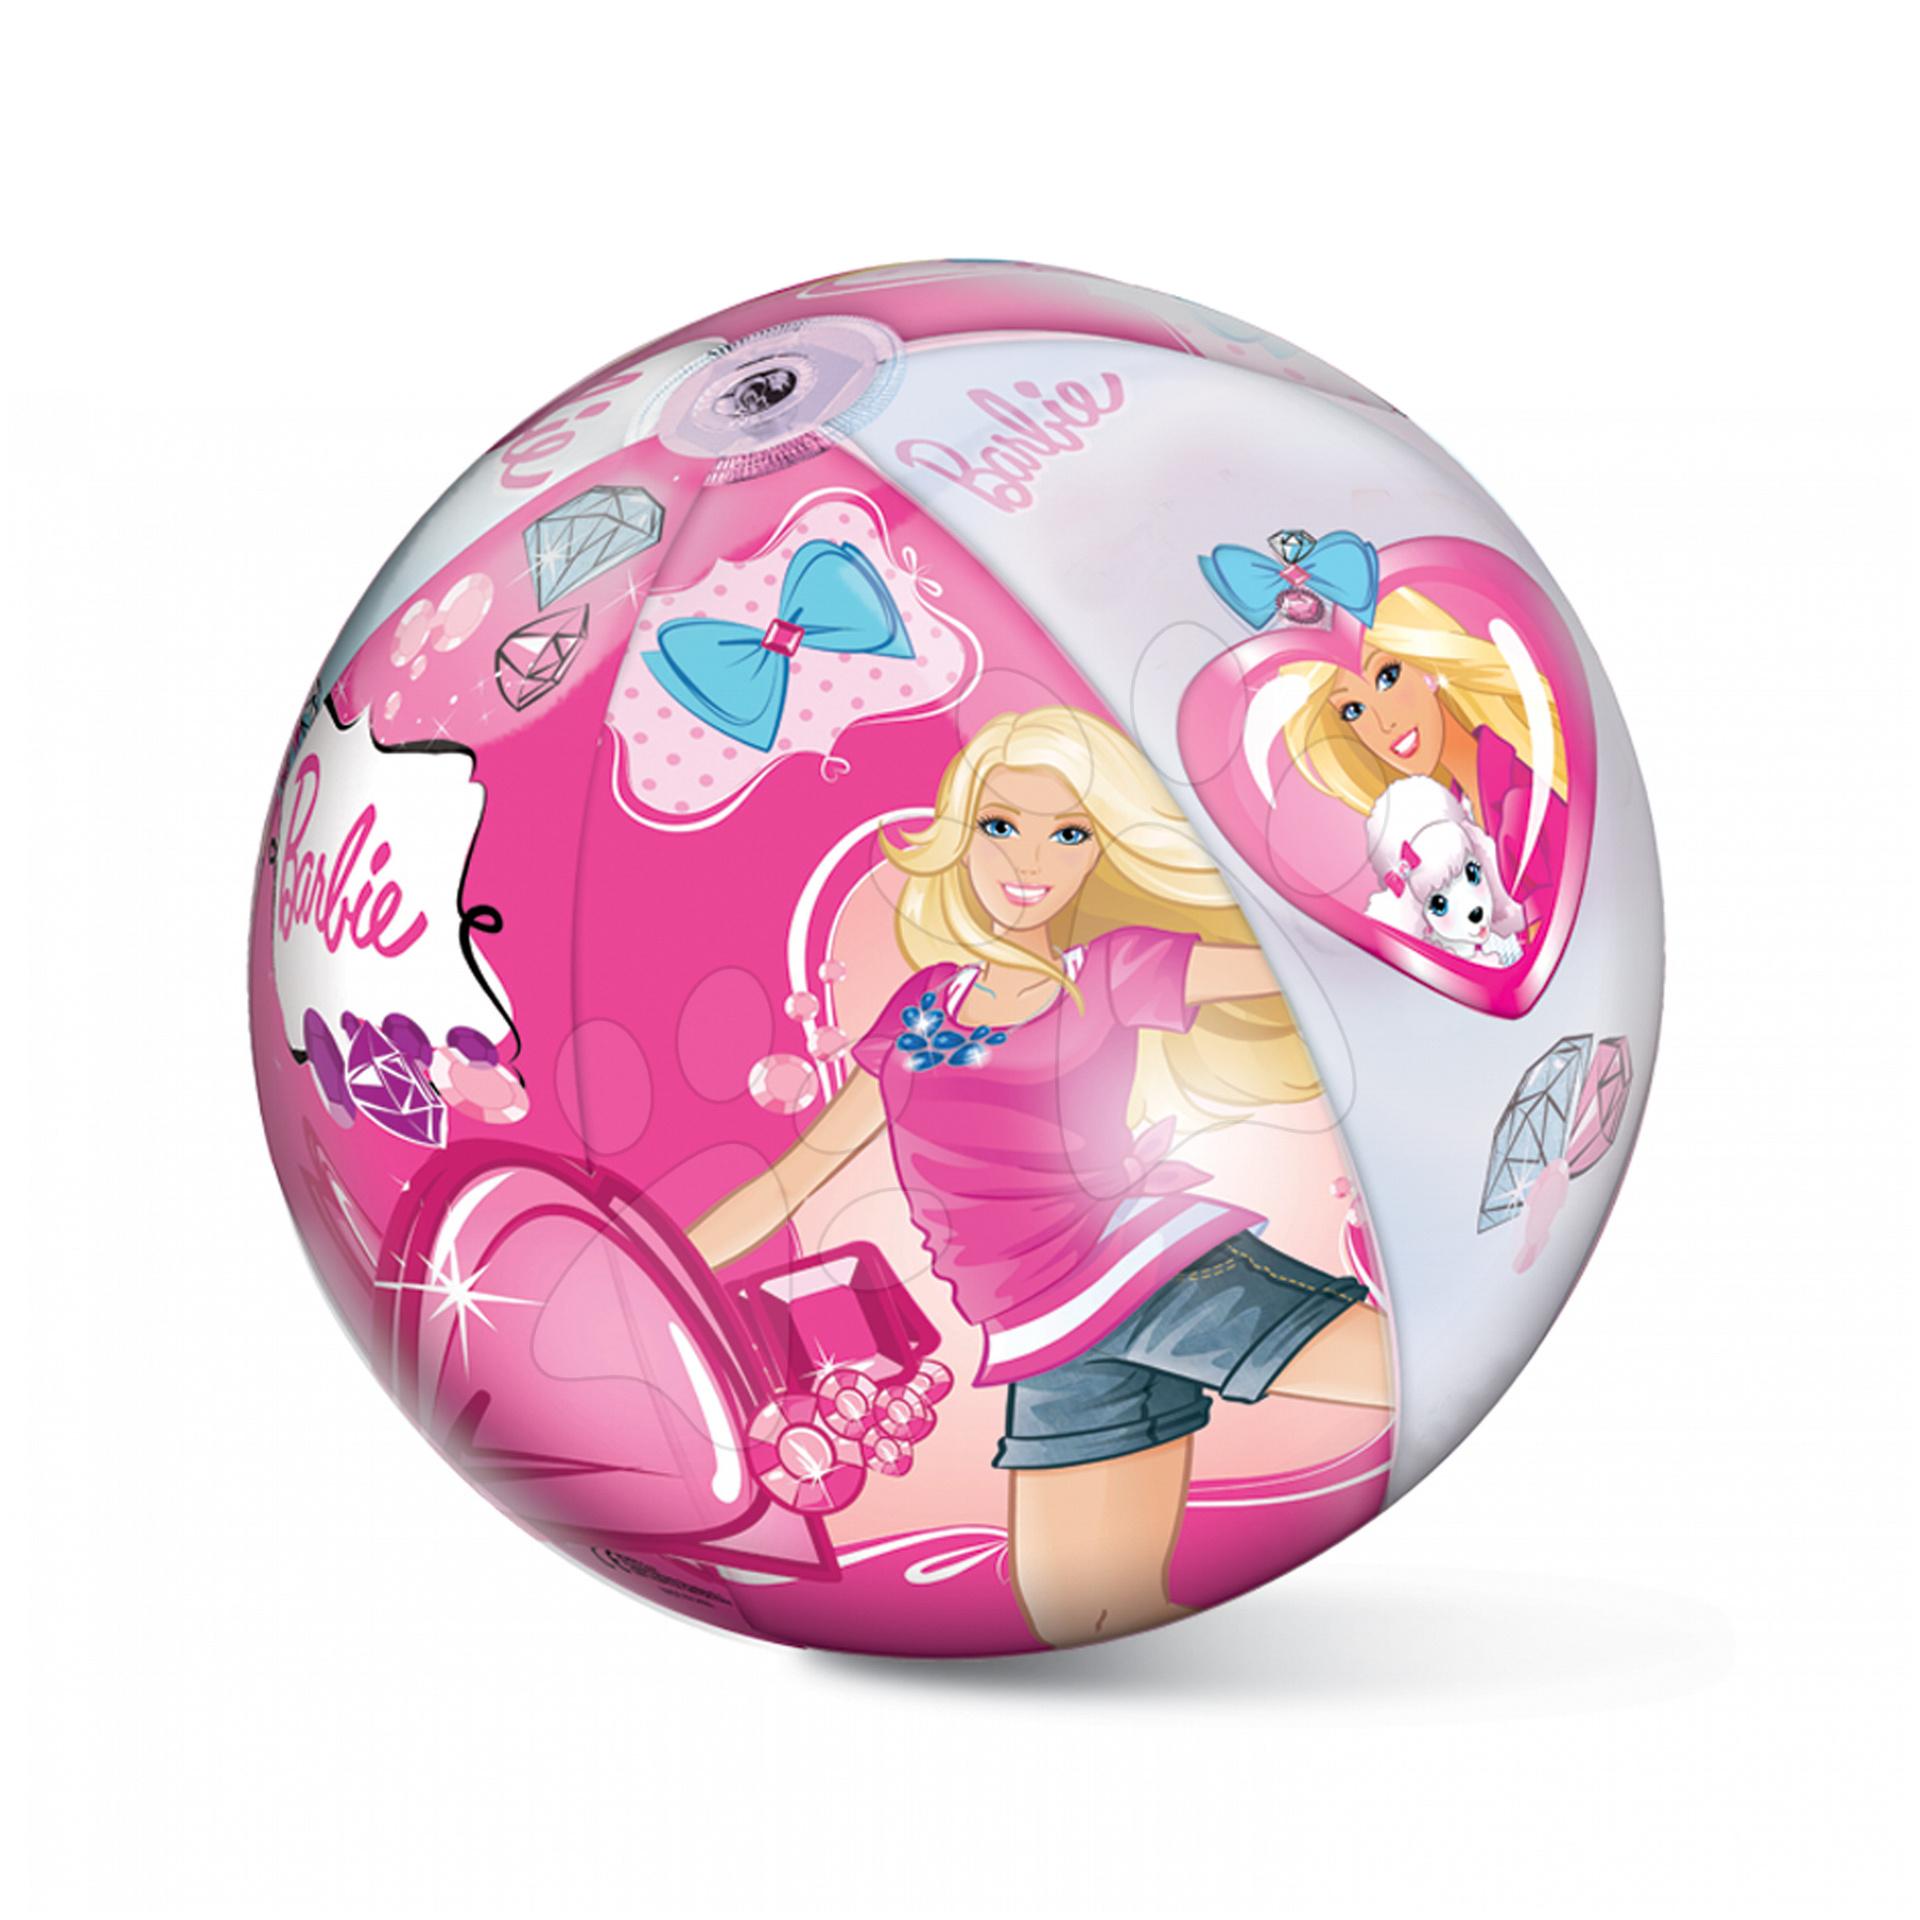 Nafukovací míče k vodě - Nafukovací míč Barbie Mondo 50 cm